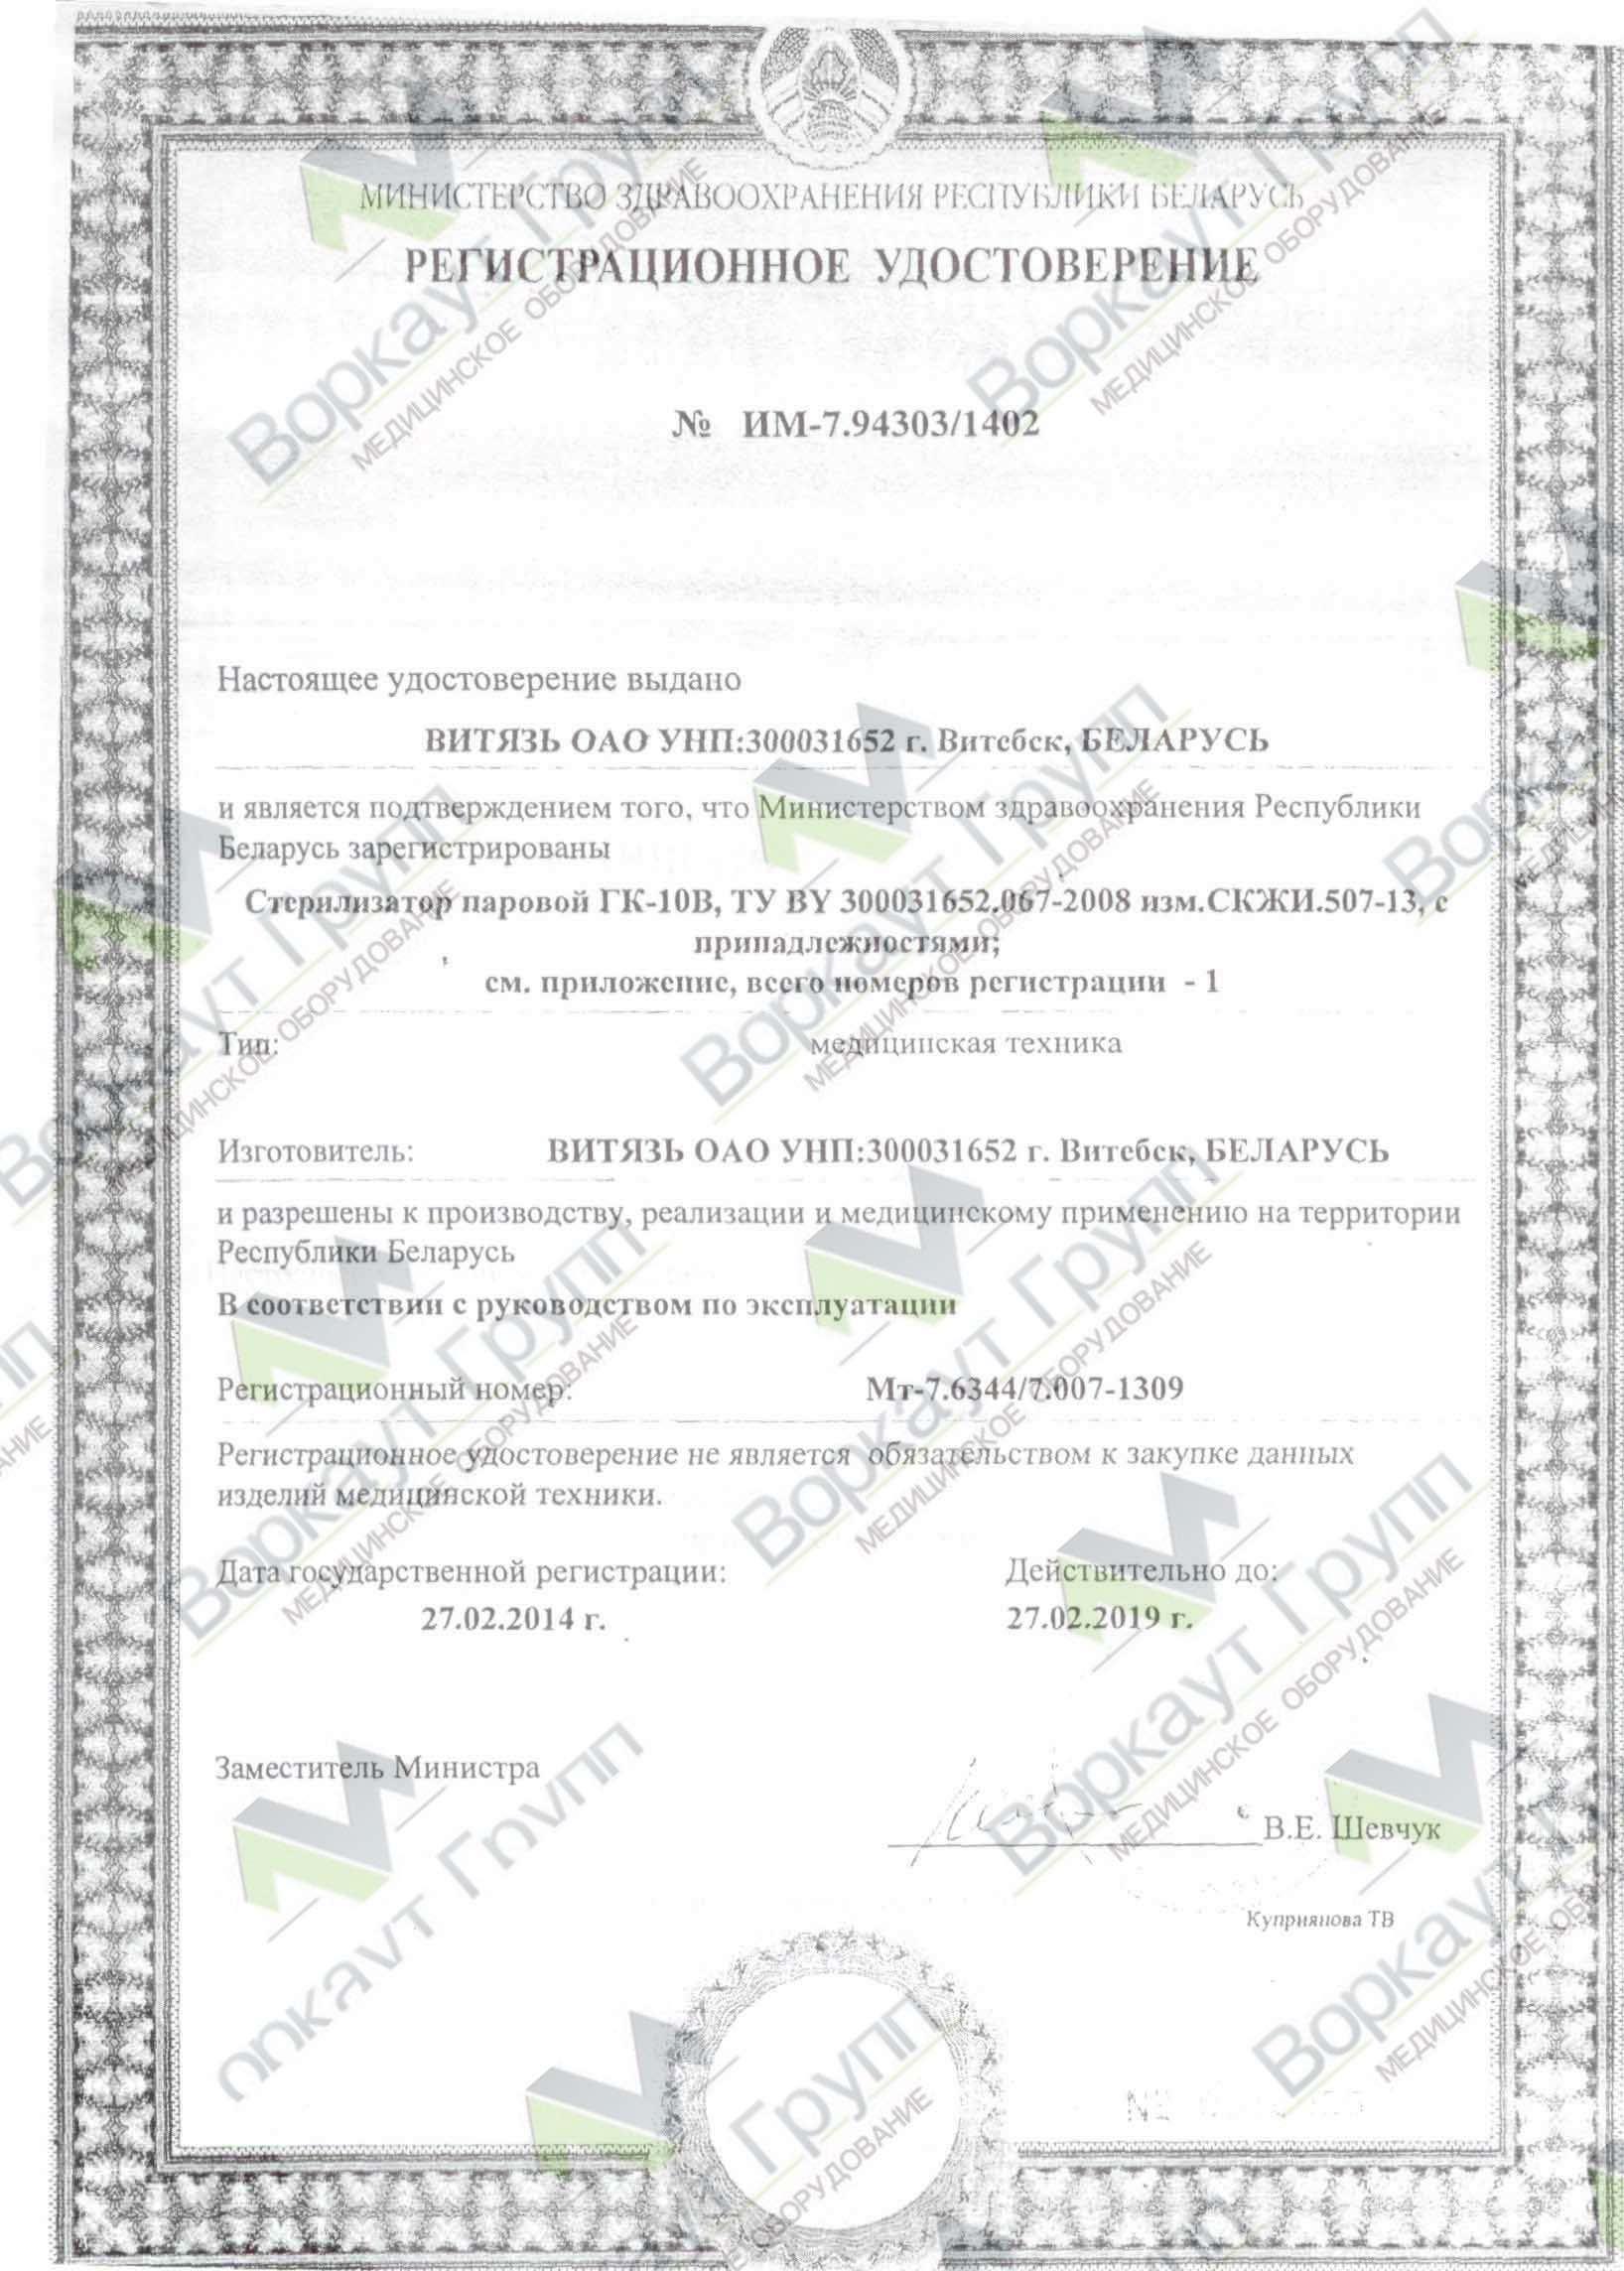 Стерилизатор паровой ГК-10В